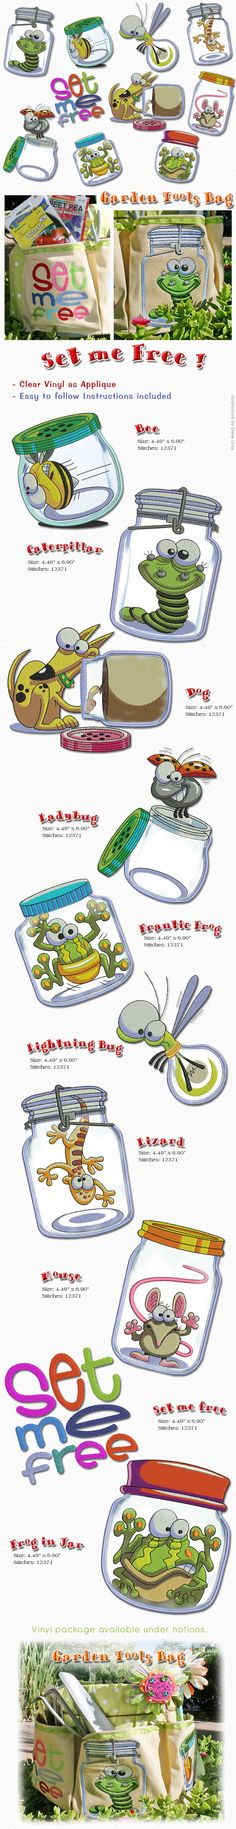 Our Set me Free jar designs from Steve Gray are so cute, que en realidad es uno de nuestros productos más vendidos, añadir material de vinilo como se aplique de que se vean como un verdadero tarro de cristal. Applique instrucciones incluidas. Vinyl packages  available in our website under Embroidery materials.